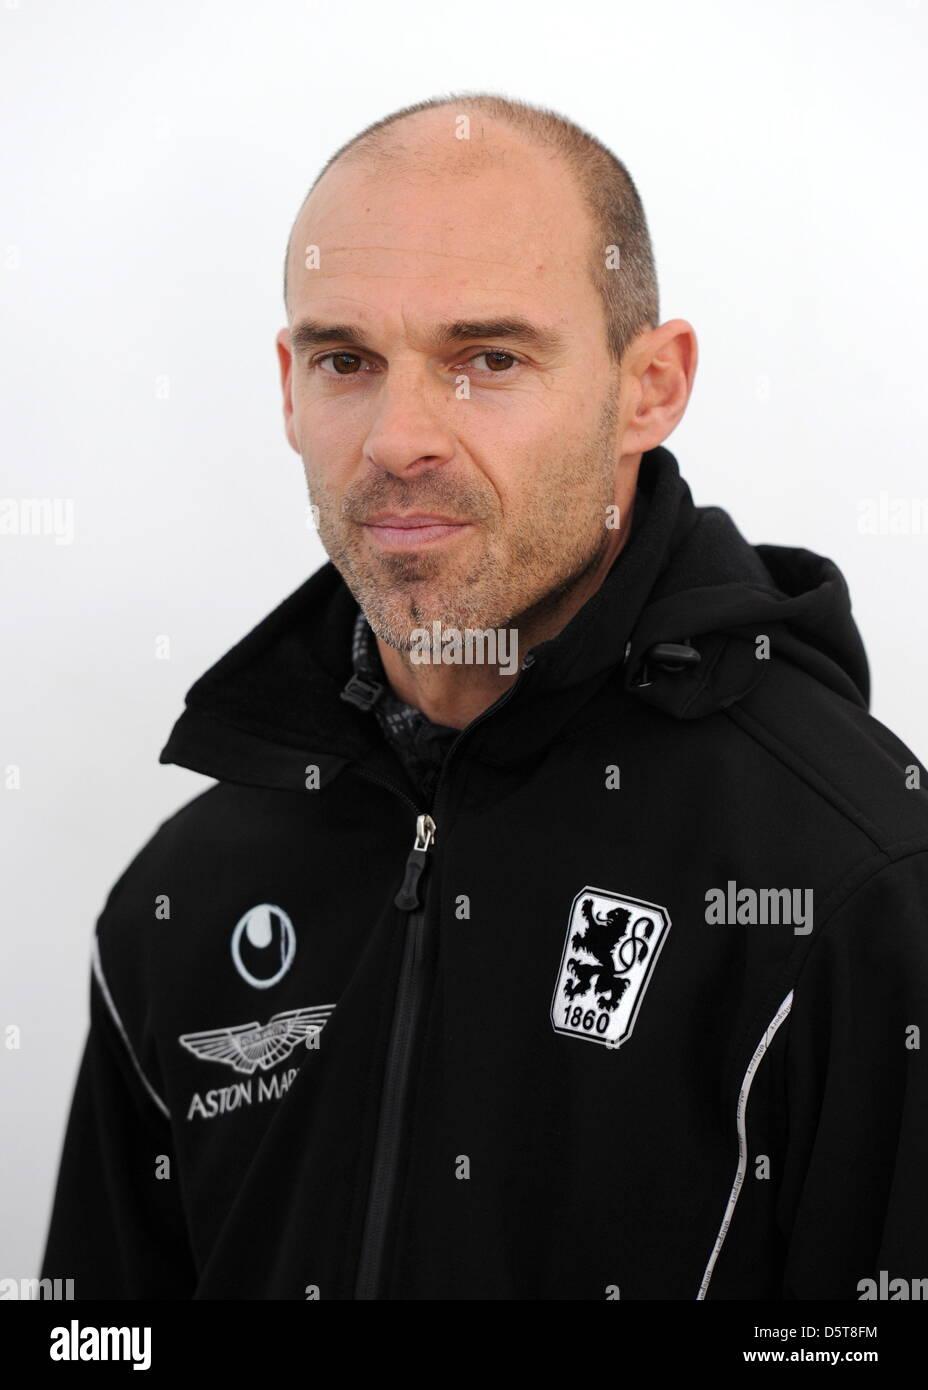 Der neue Trainer des TSV 1860 München, Alexander Schmidt, aufgenommen am 18.11.2012 in München (Bayern) - Stock Image